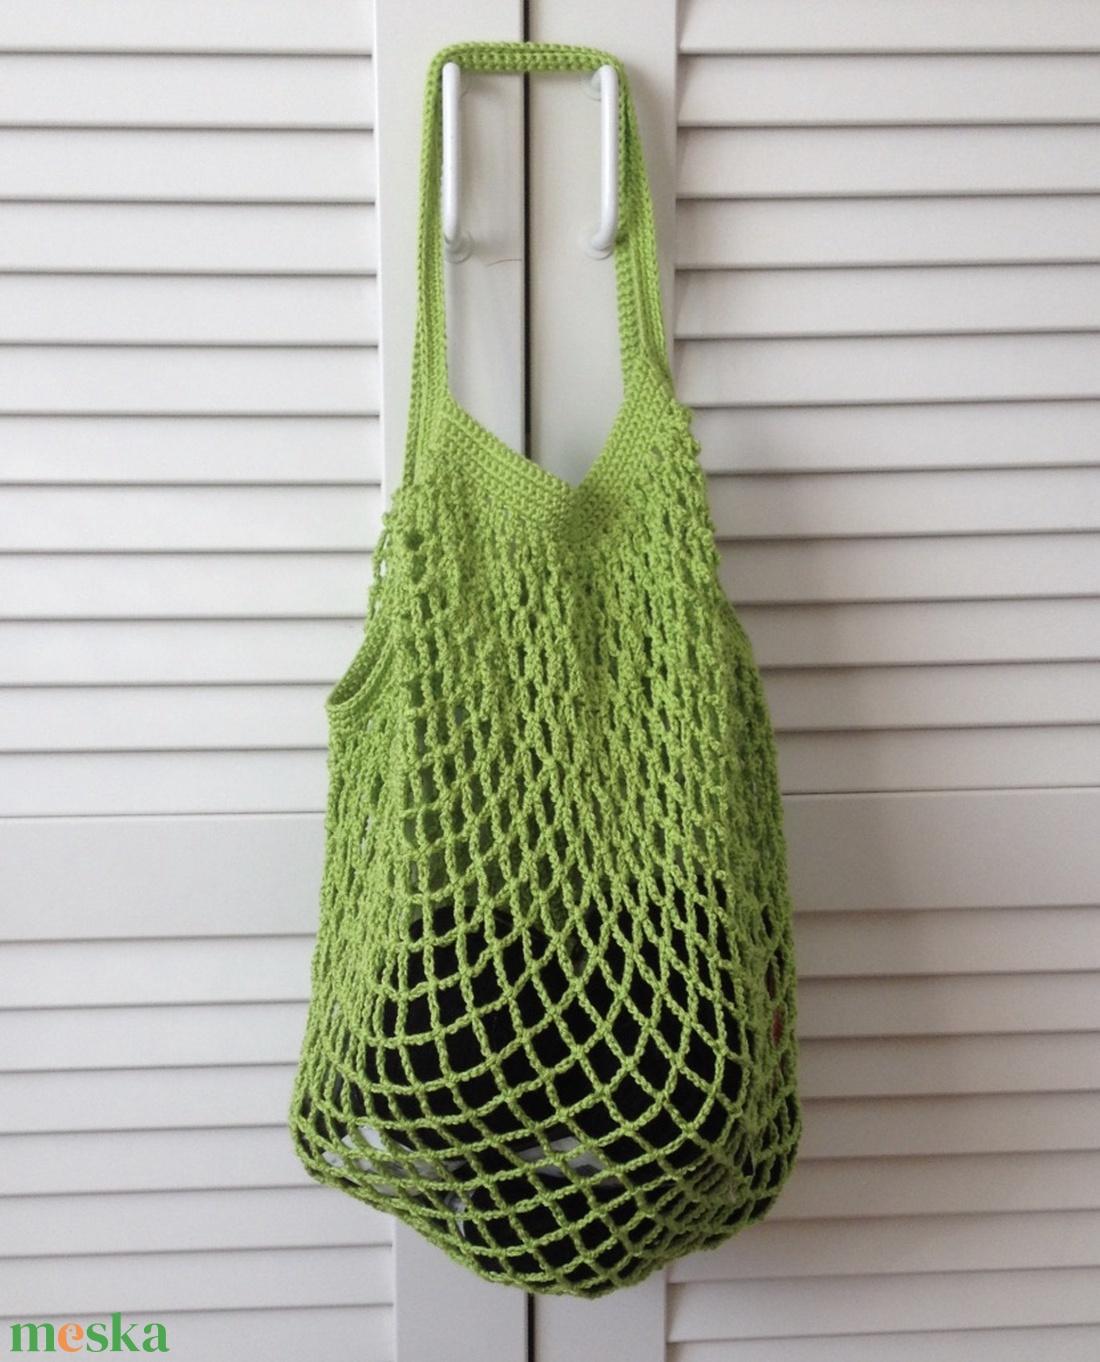 Tavaszi élénk zöld bevásárló táska - táska & tok - bevásárlás & shopper táska - shopper, textiltáska, szatyor - Meska.hu